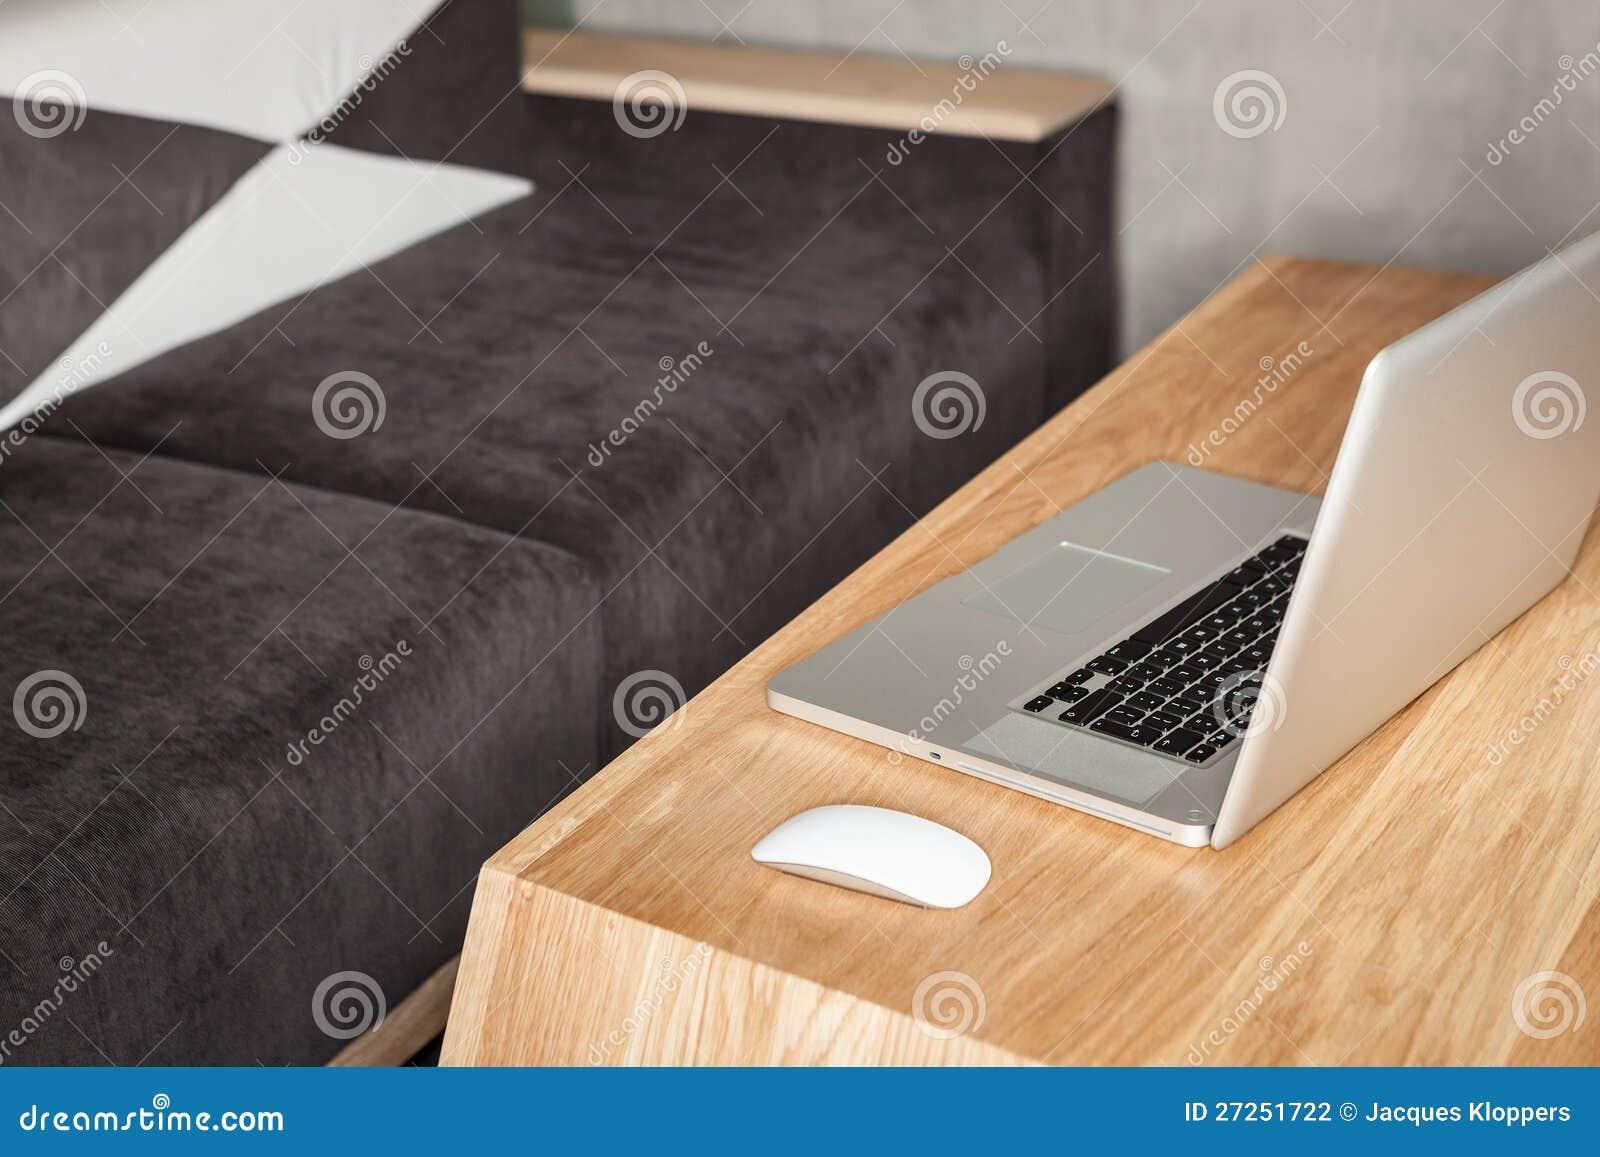 Ufficio Moderno Sa : Ufficio moderno del salotto con il computer portatile fotografia